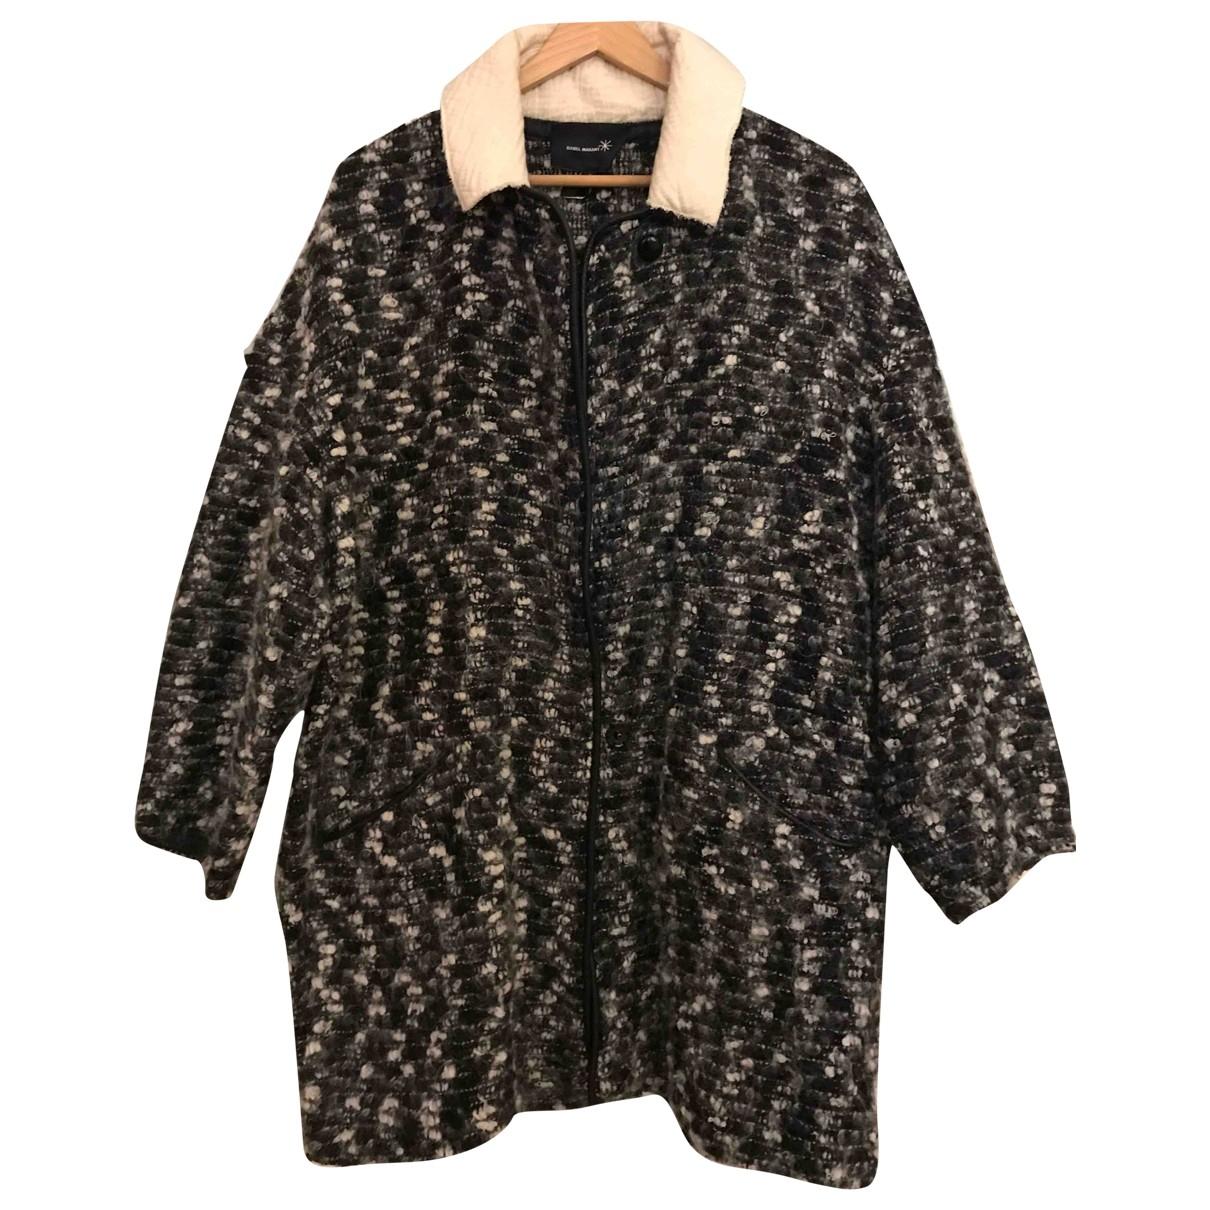 Isabel Marant \N Black Wool jacket for Women 42 IT